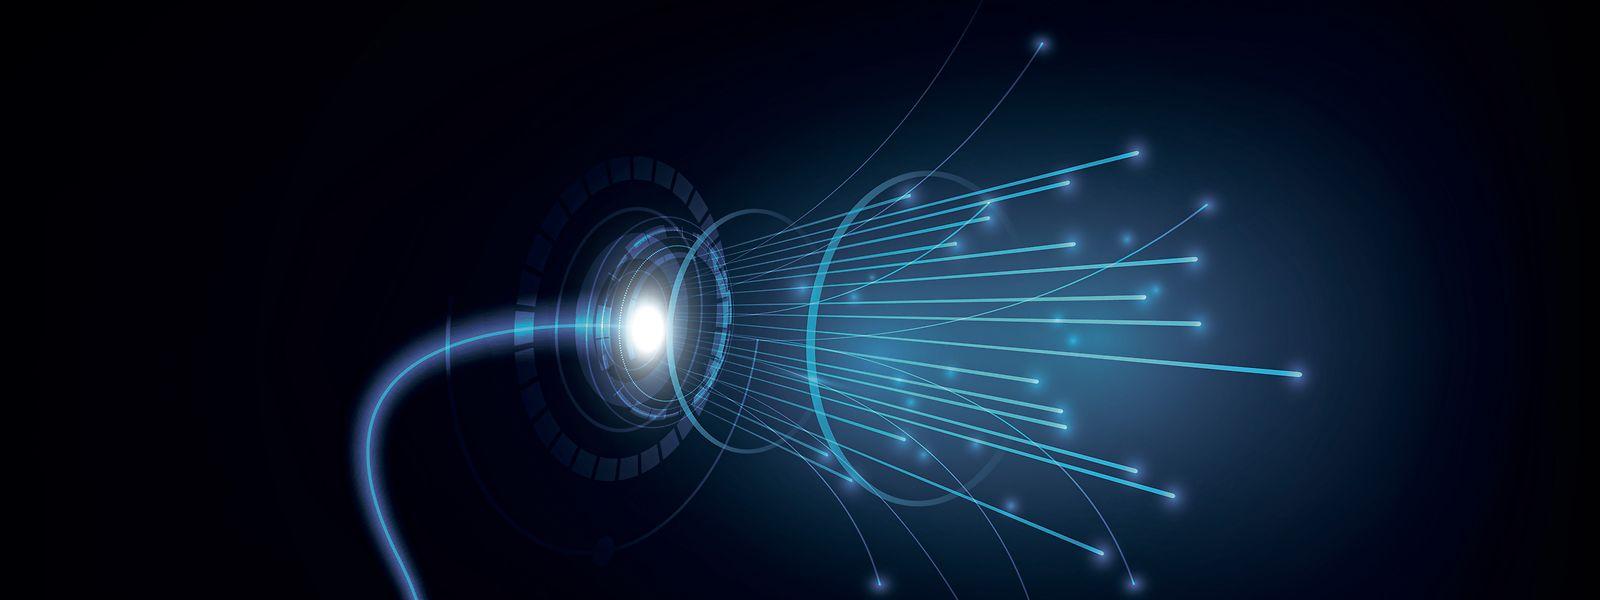 Le noeud de transit Internet LU-CIX se positionne comme un carrefour des échanges Internet dans le monde.